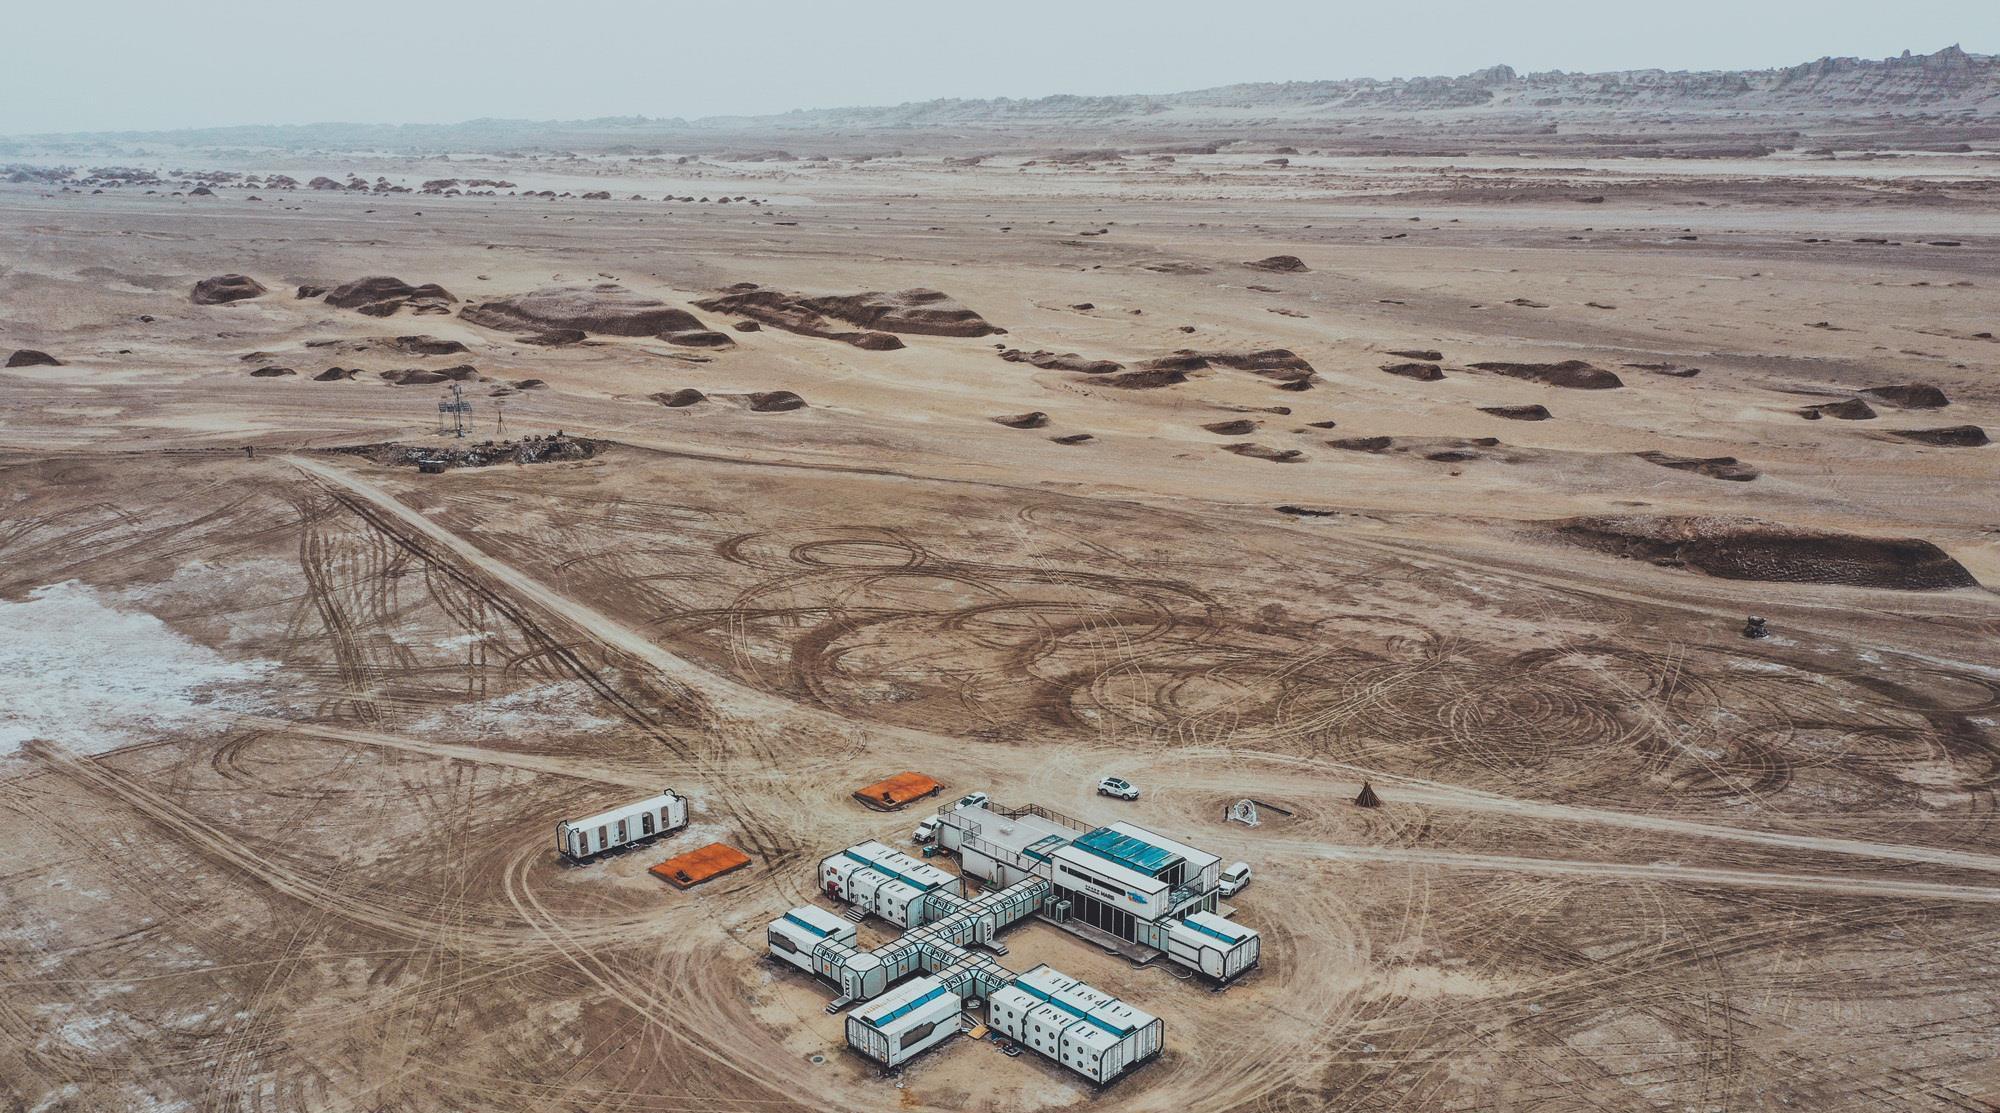 火星营地,青甘大环线不容错过之处,被称为是最不像地球的地方!